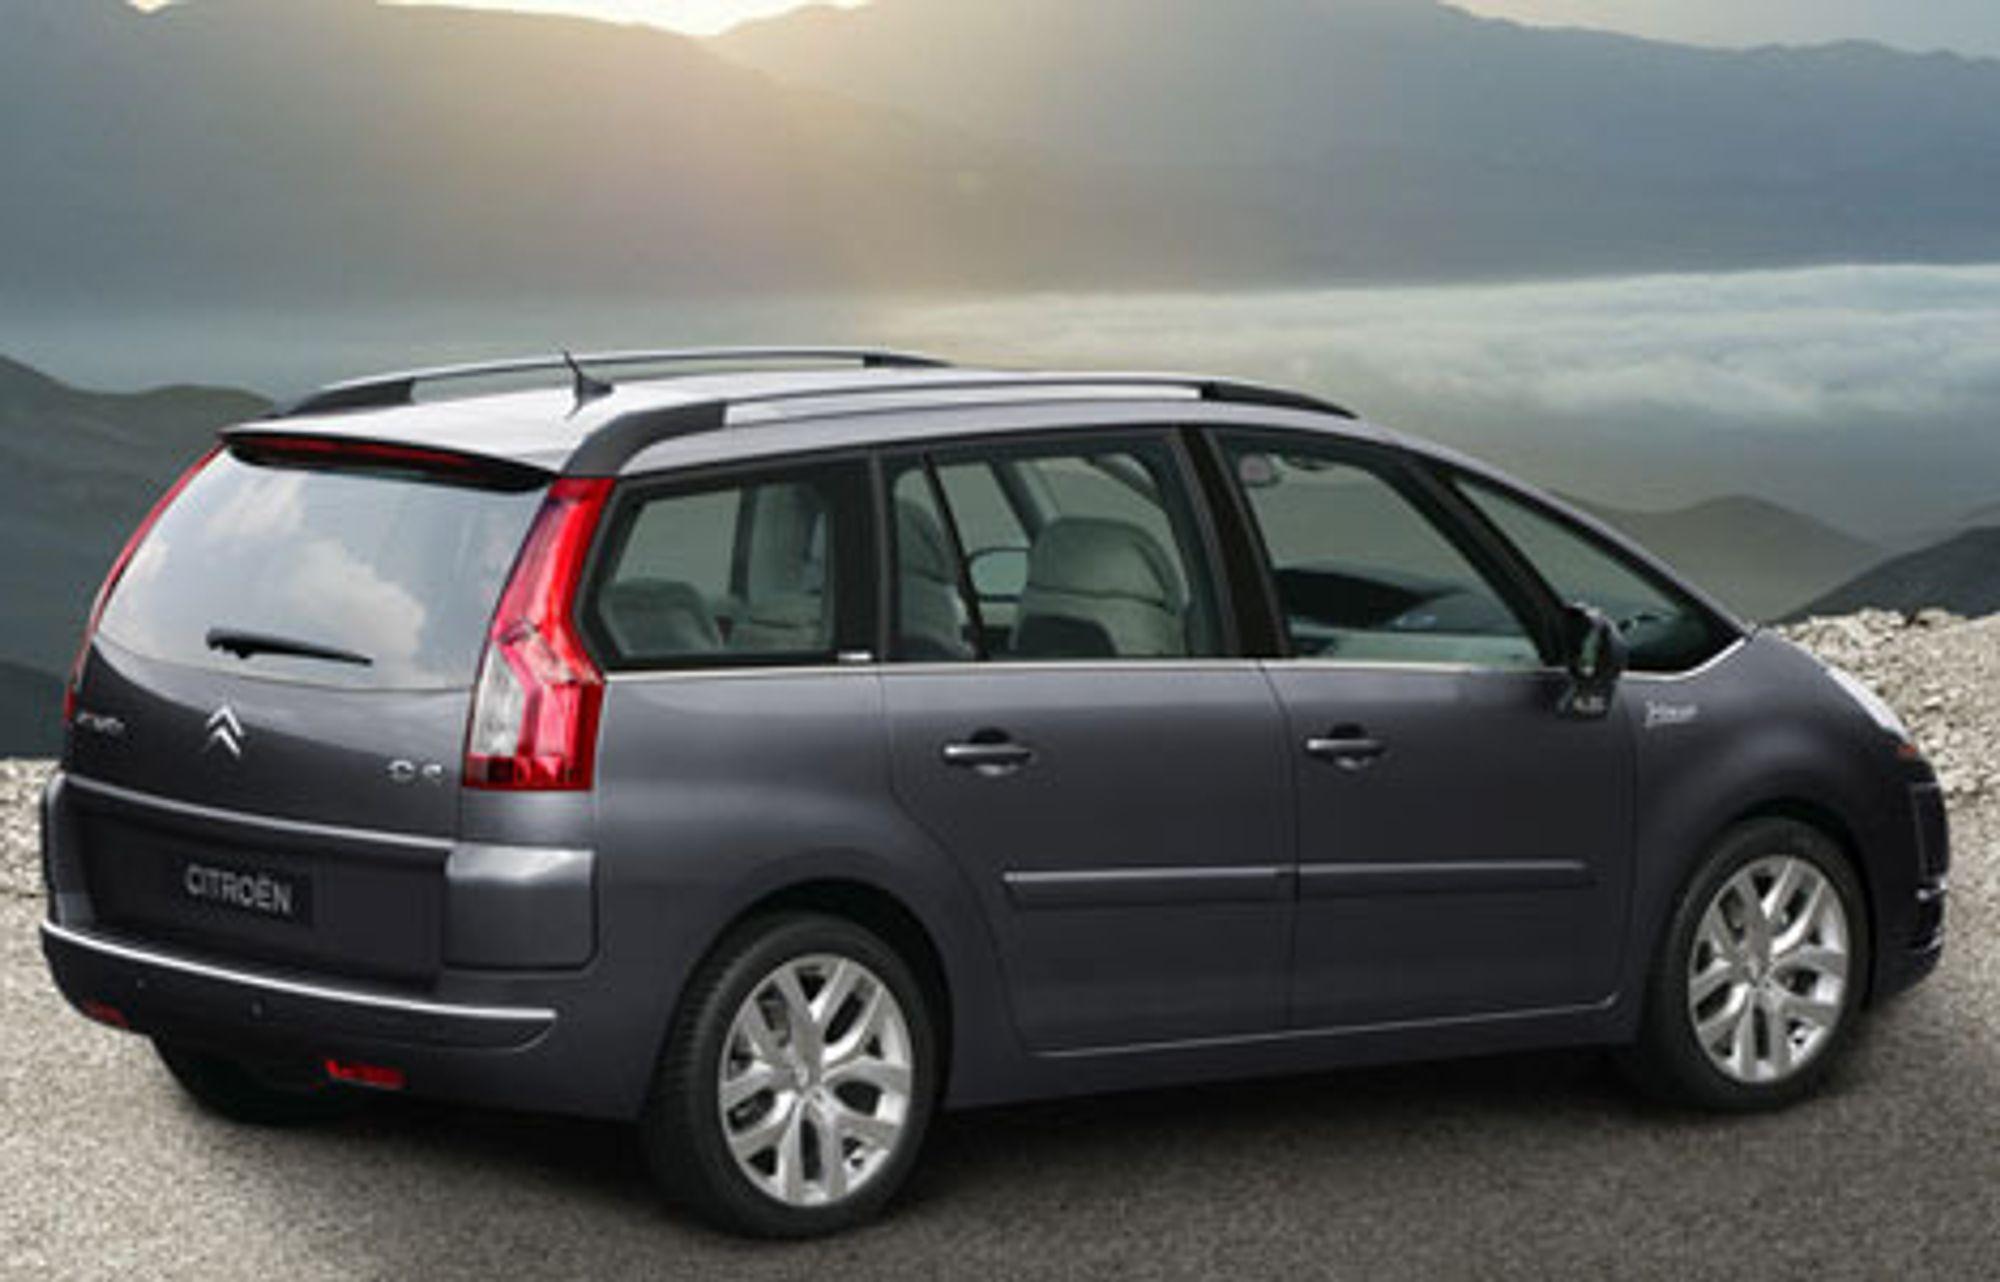 Nye Citroën C4 Picasso er utstyrt med en ny elektronisk styrt 6-trinns manuell girkasse. Denne girkassen er enten koblet til en to-liters bensinmotor som yter 143 HK eller til HDi-dieselmotorer som yter 110 HK eller 138 HK, begge med partikkelfilter.